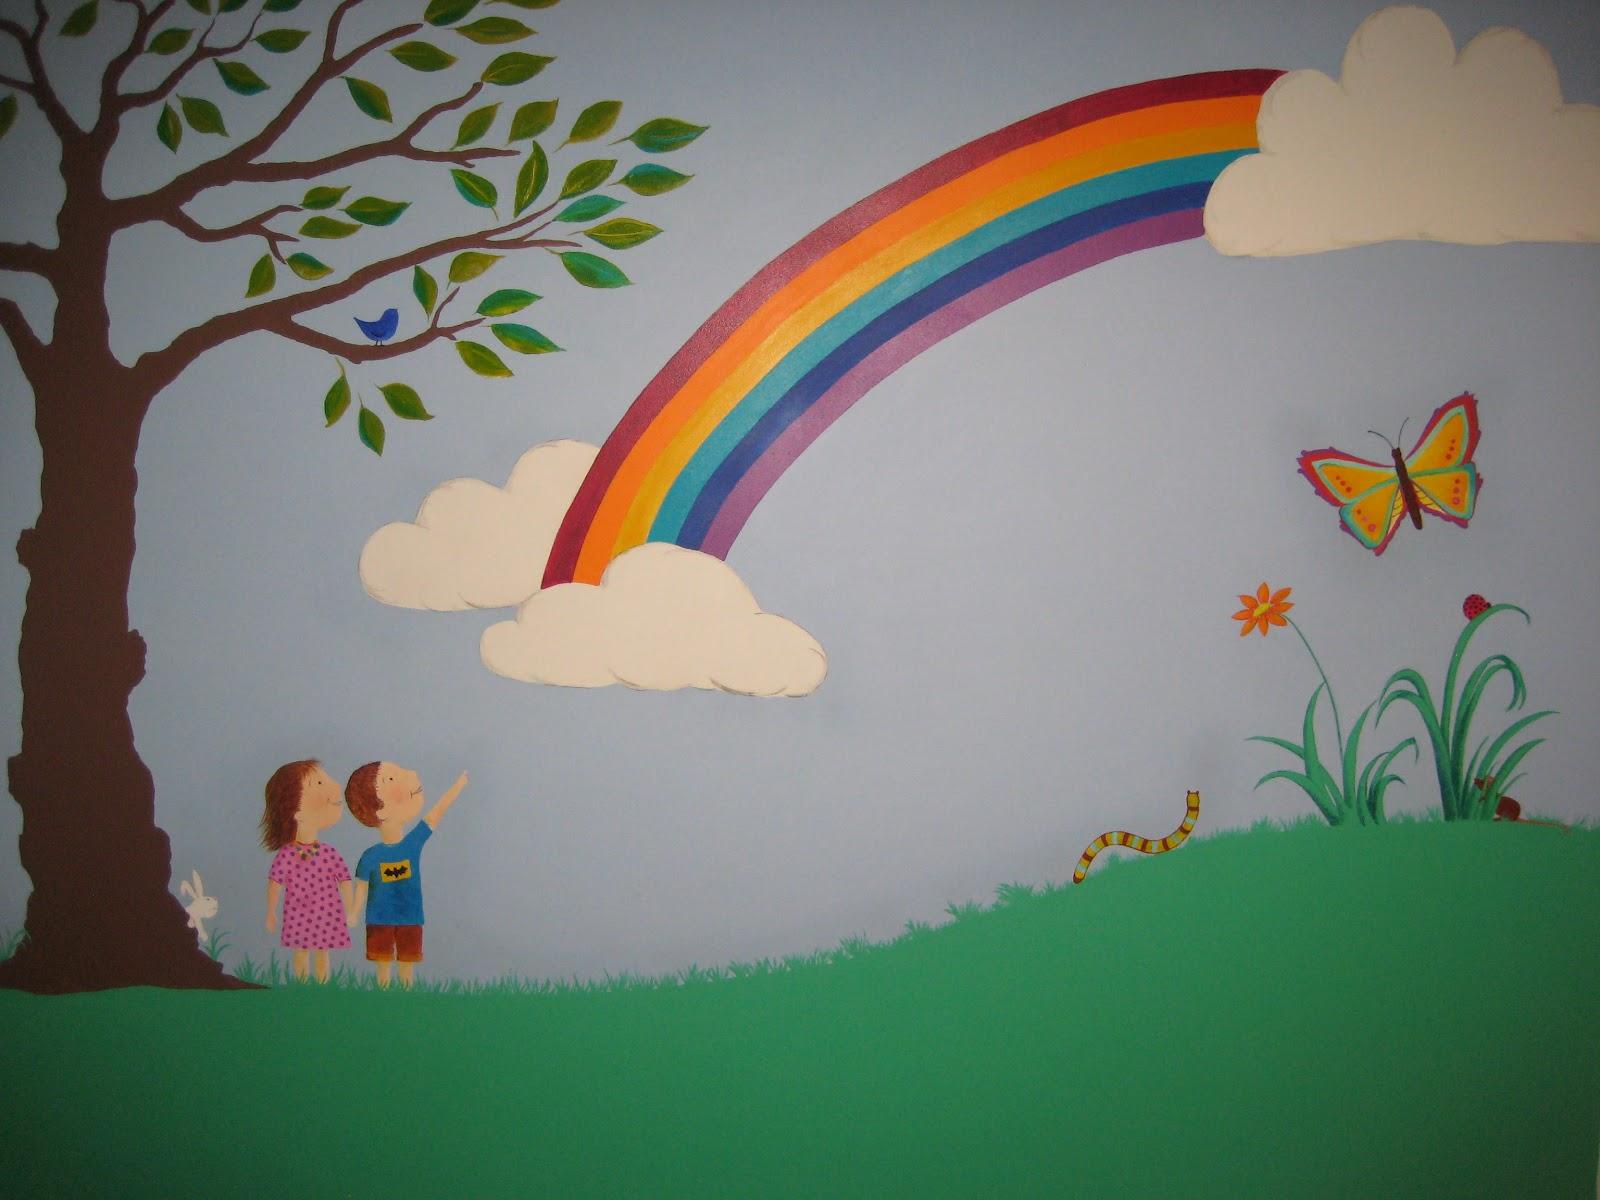 rainbow wall mural 2017 - Grasscloth Wallpaper